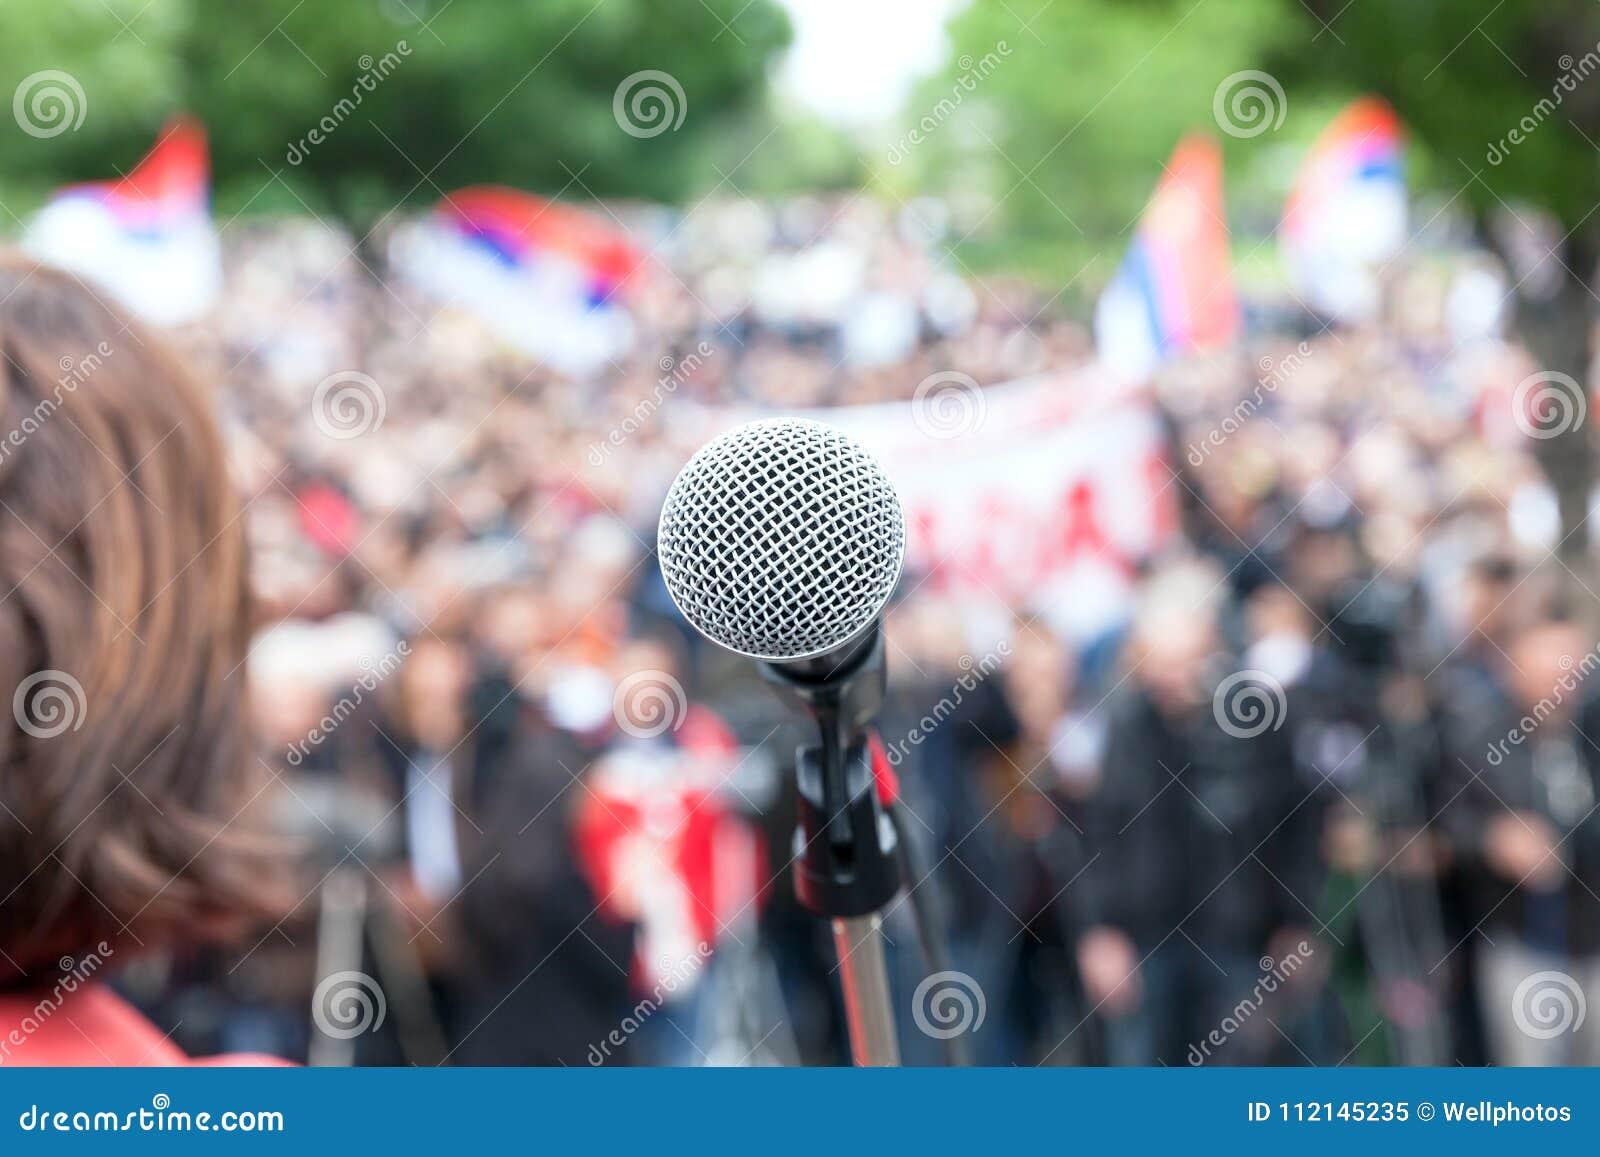 Demonstração política do protesto Microfone no foco contra o bl